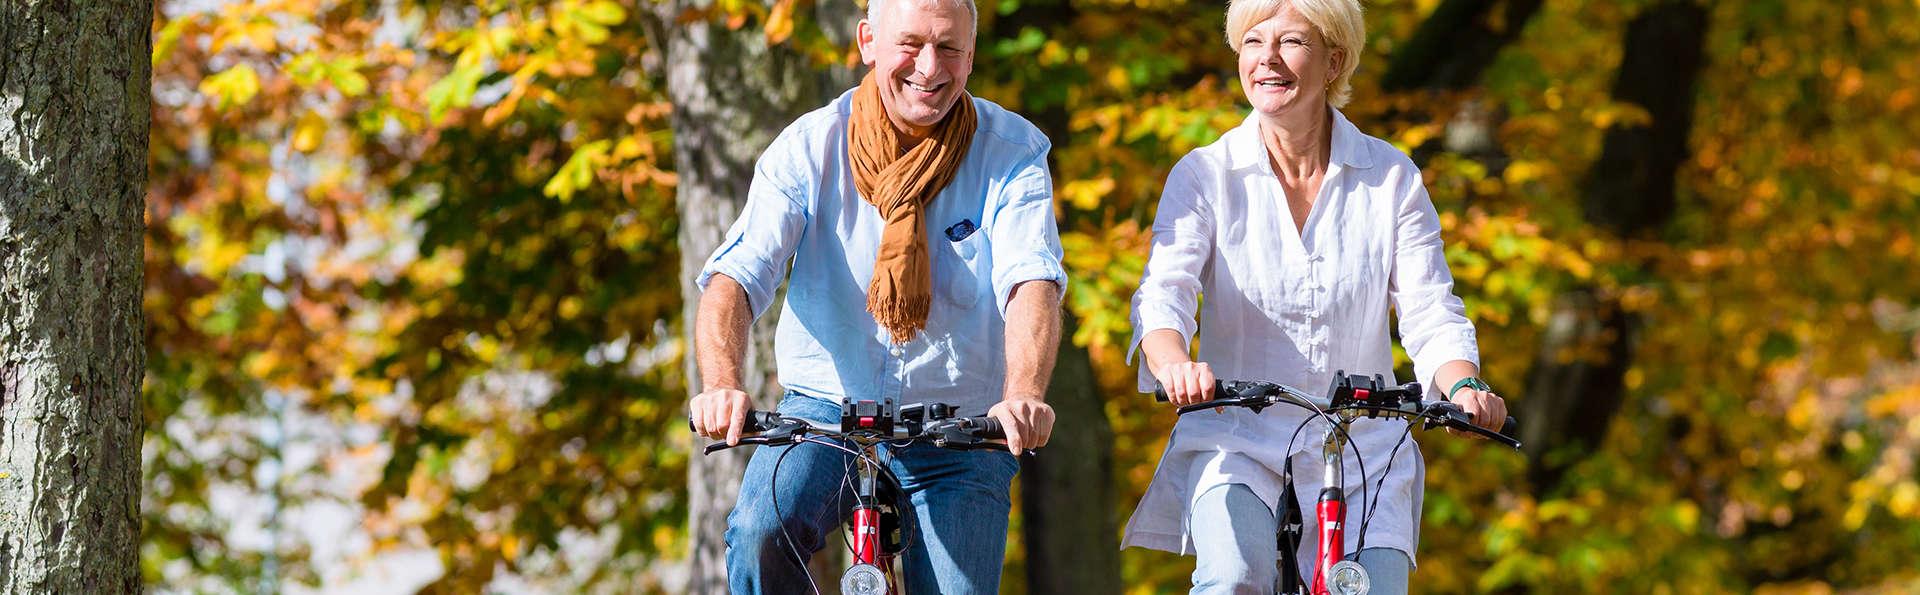 Escapade détente et touristique en vélo au cœur de Vichy